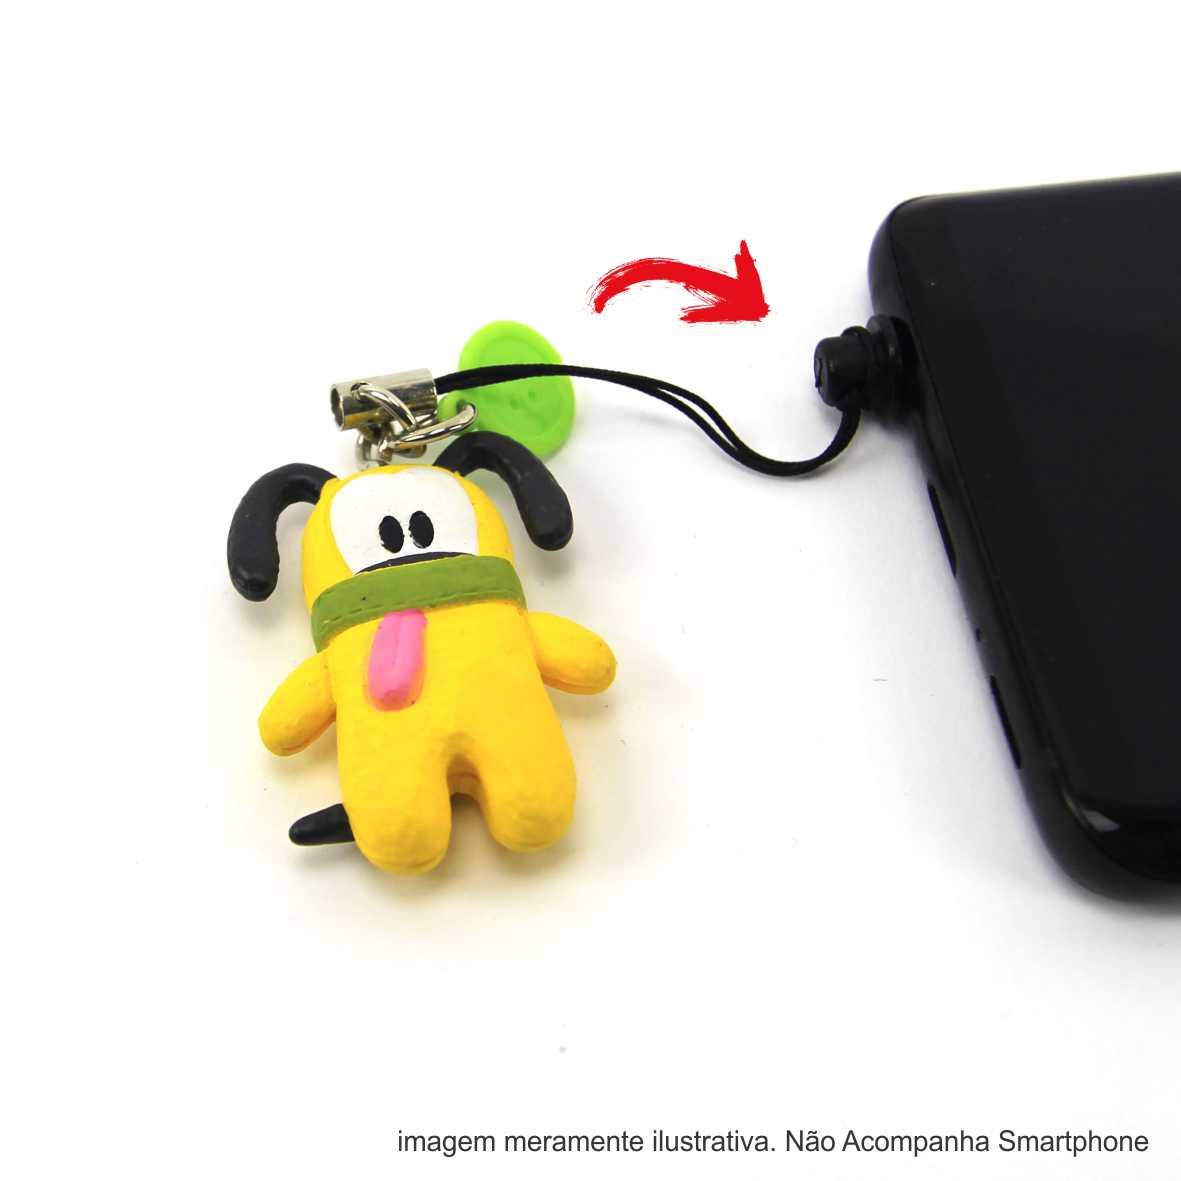 chaveiro plug que vem com a mochila do toy story 4 disney